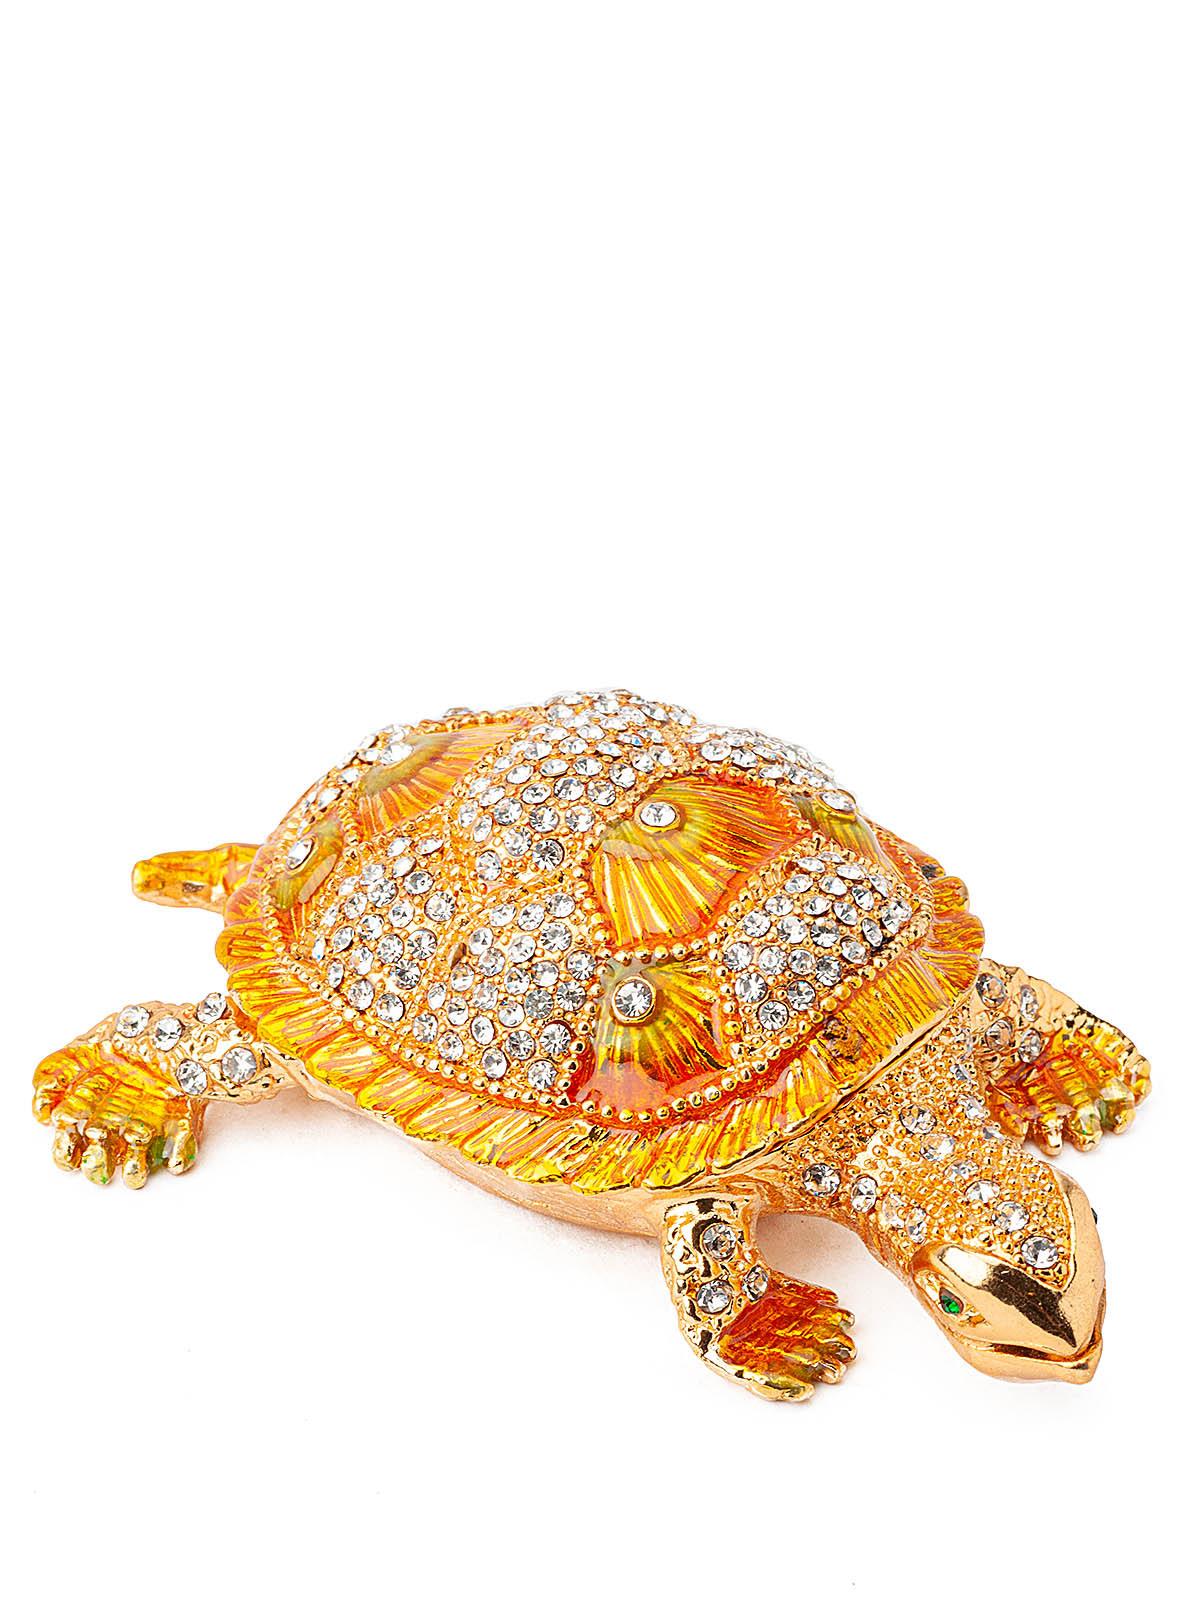 Шкатулка для украшений Черепаха S-4792 желтый